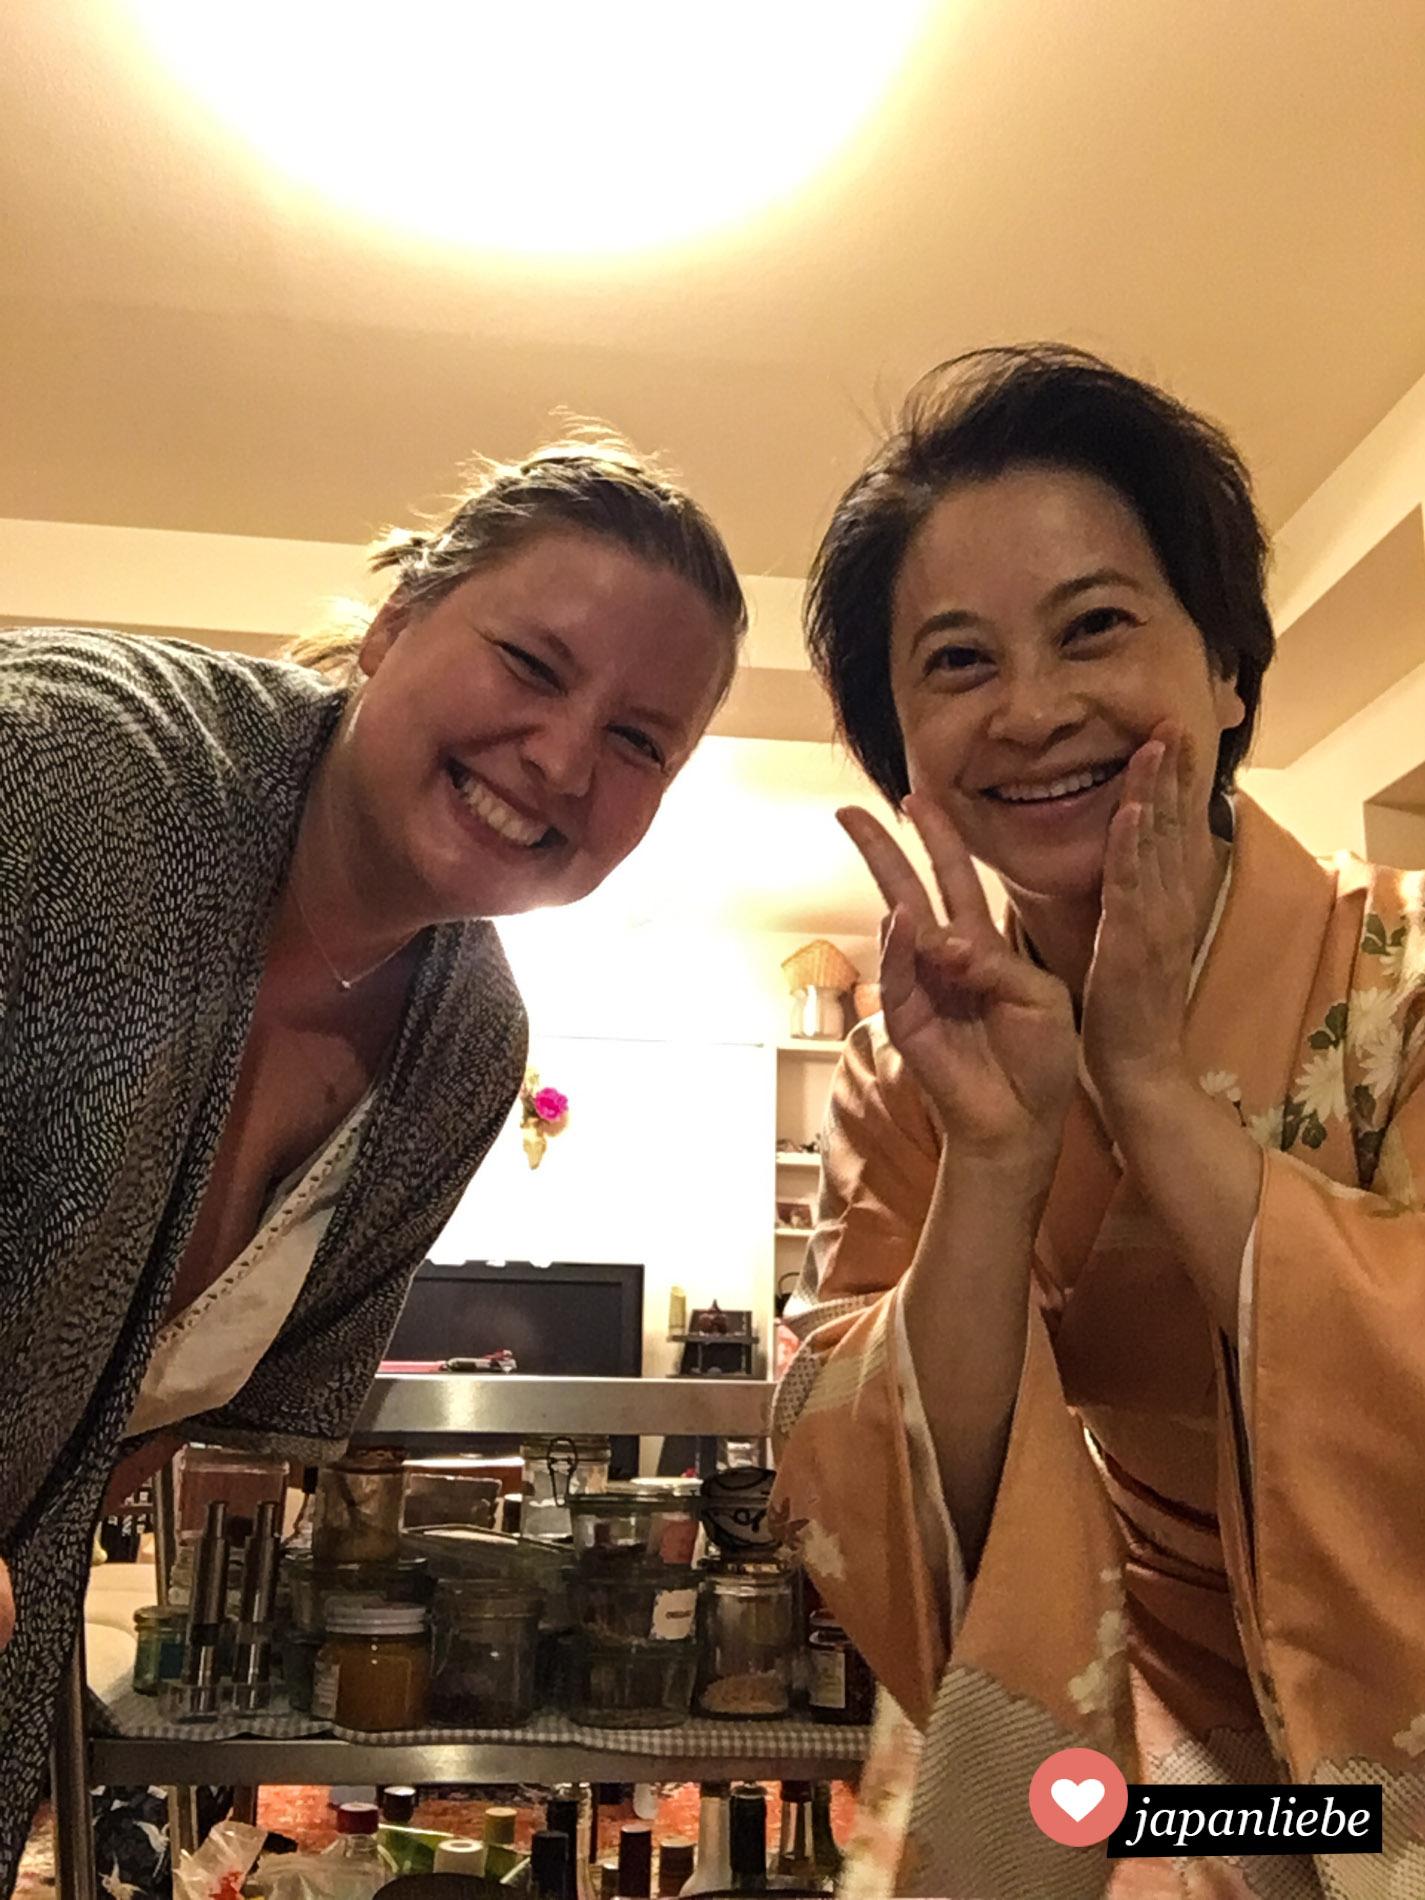 Terumi und ich hatten sehr viel Spaß an unserem kulinarischen Abend.